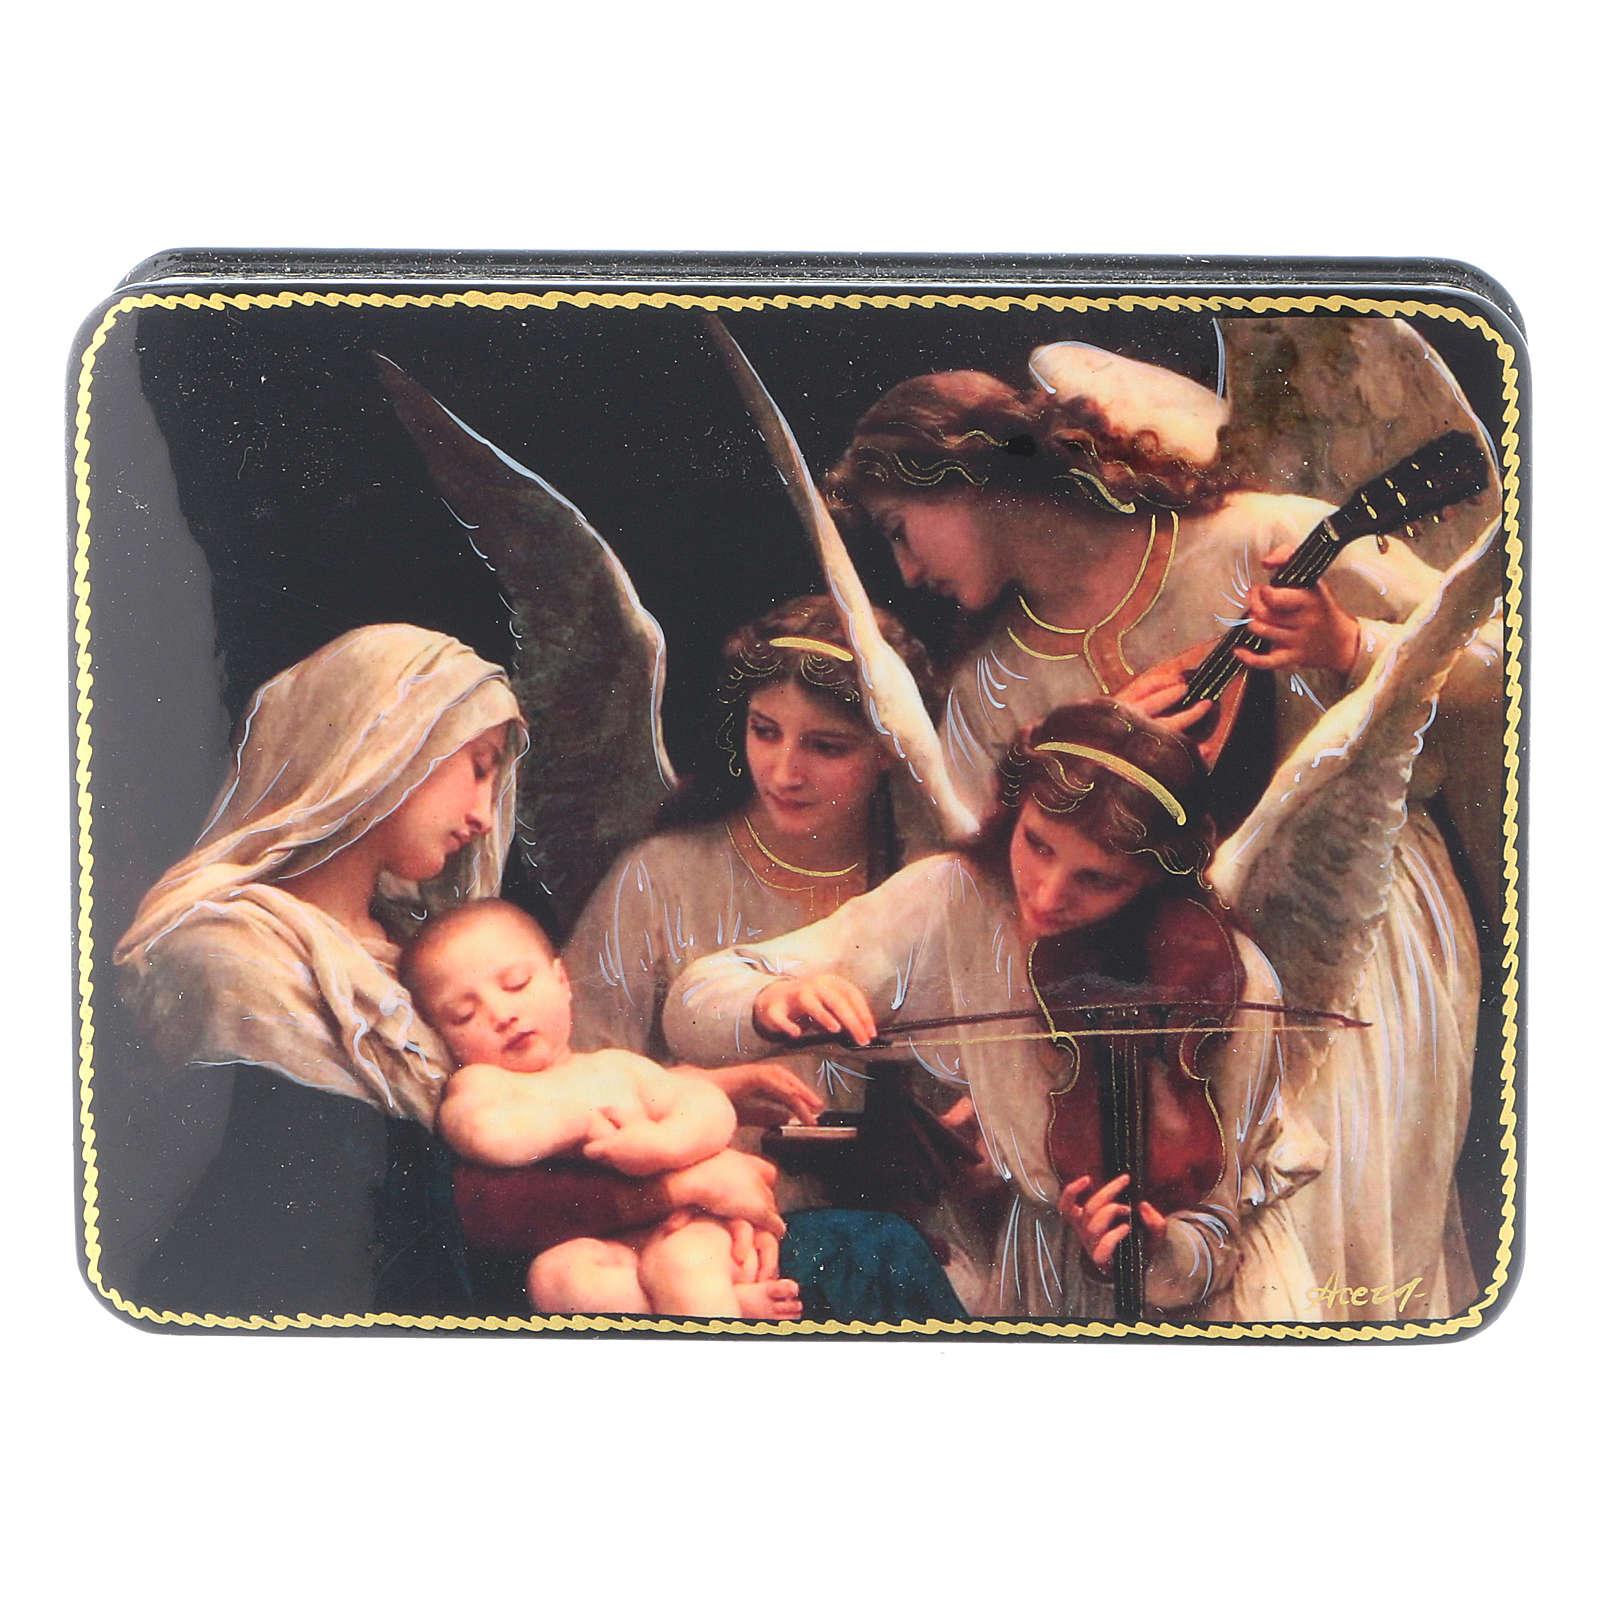 Lacca russa cartapesta Il Canto degli Angeli Fedoskino style 15x11 4